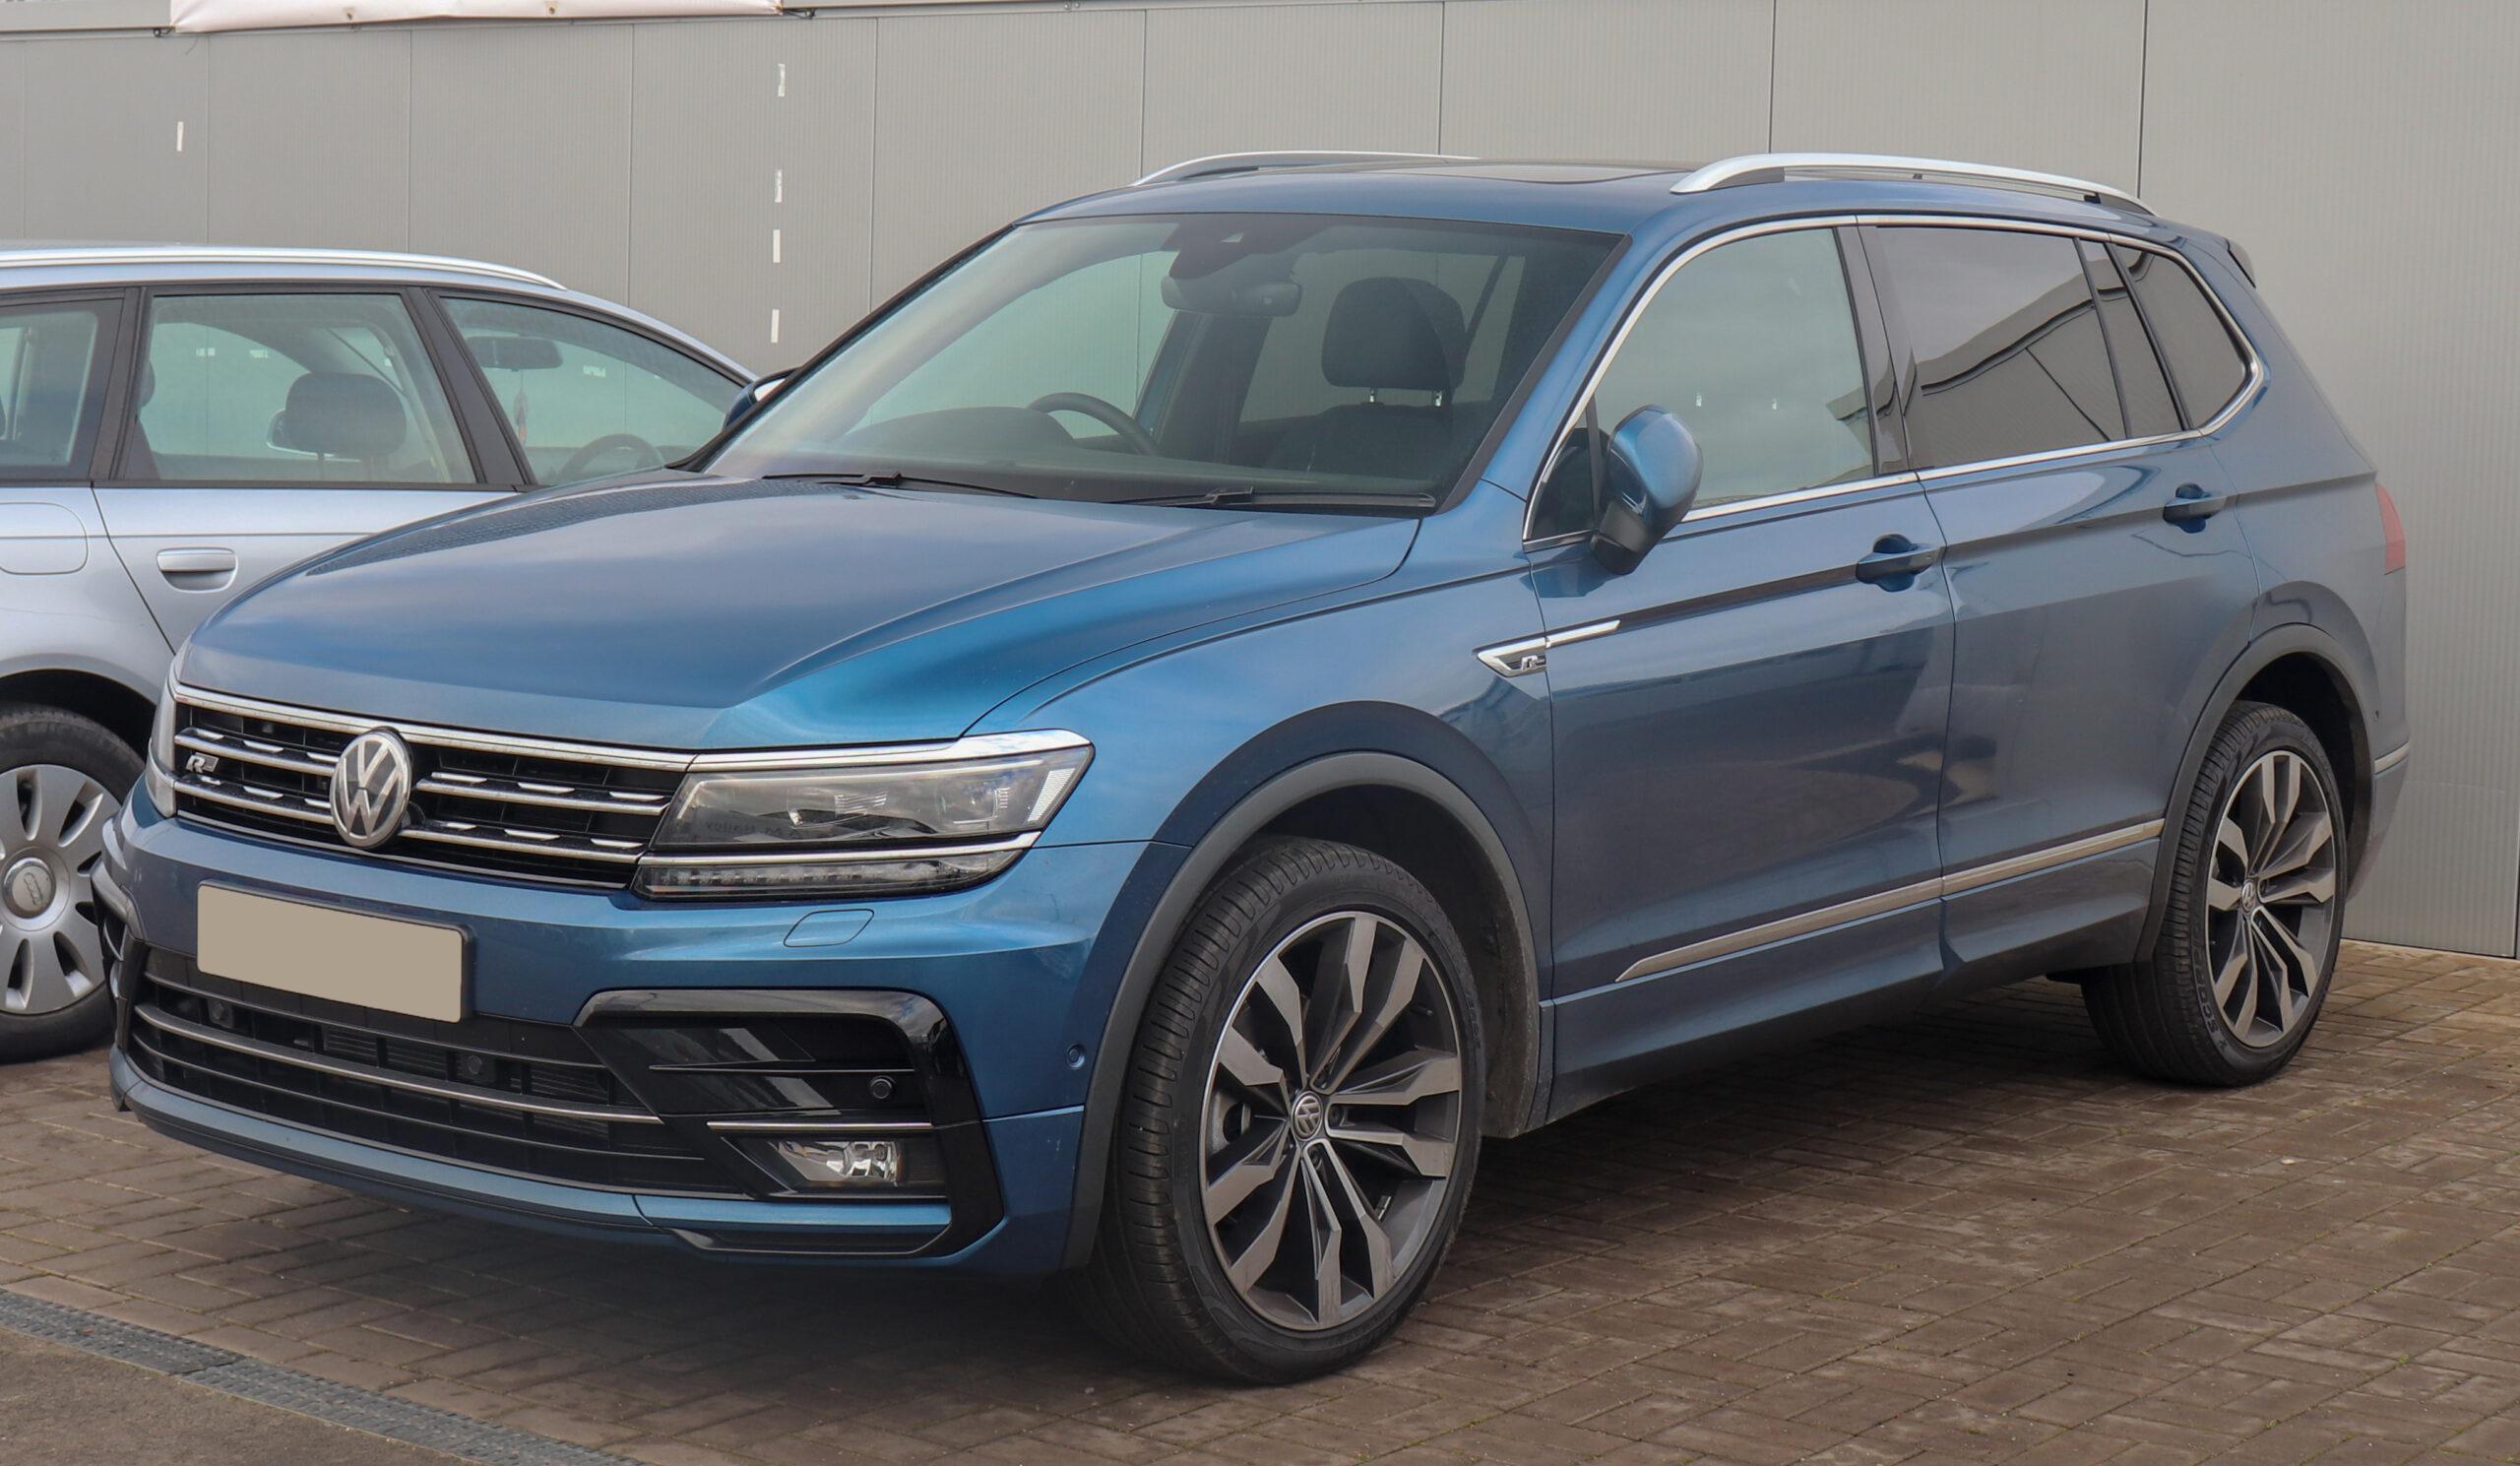 Povinné ručení pro Volkswagen Tiguan: srovnání